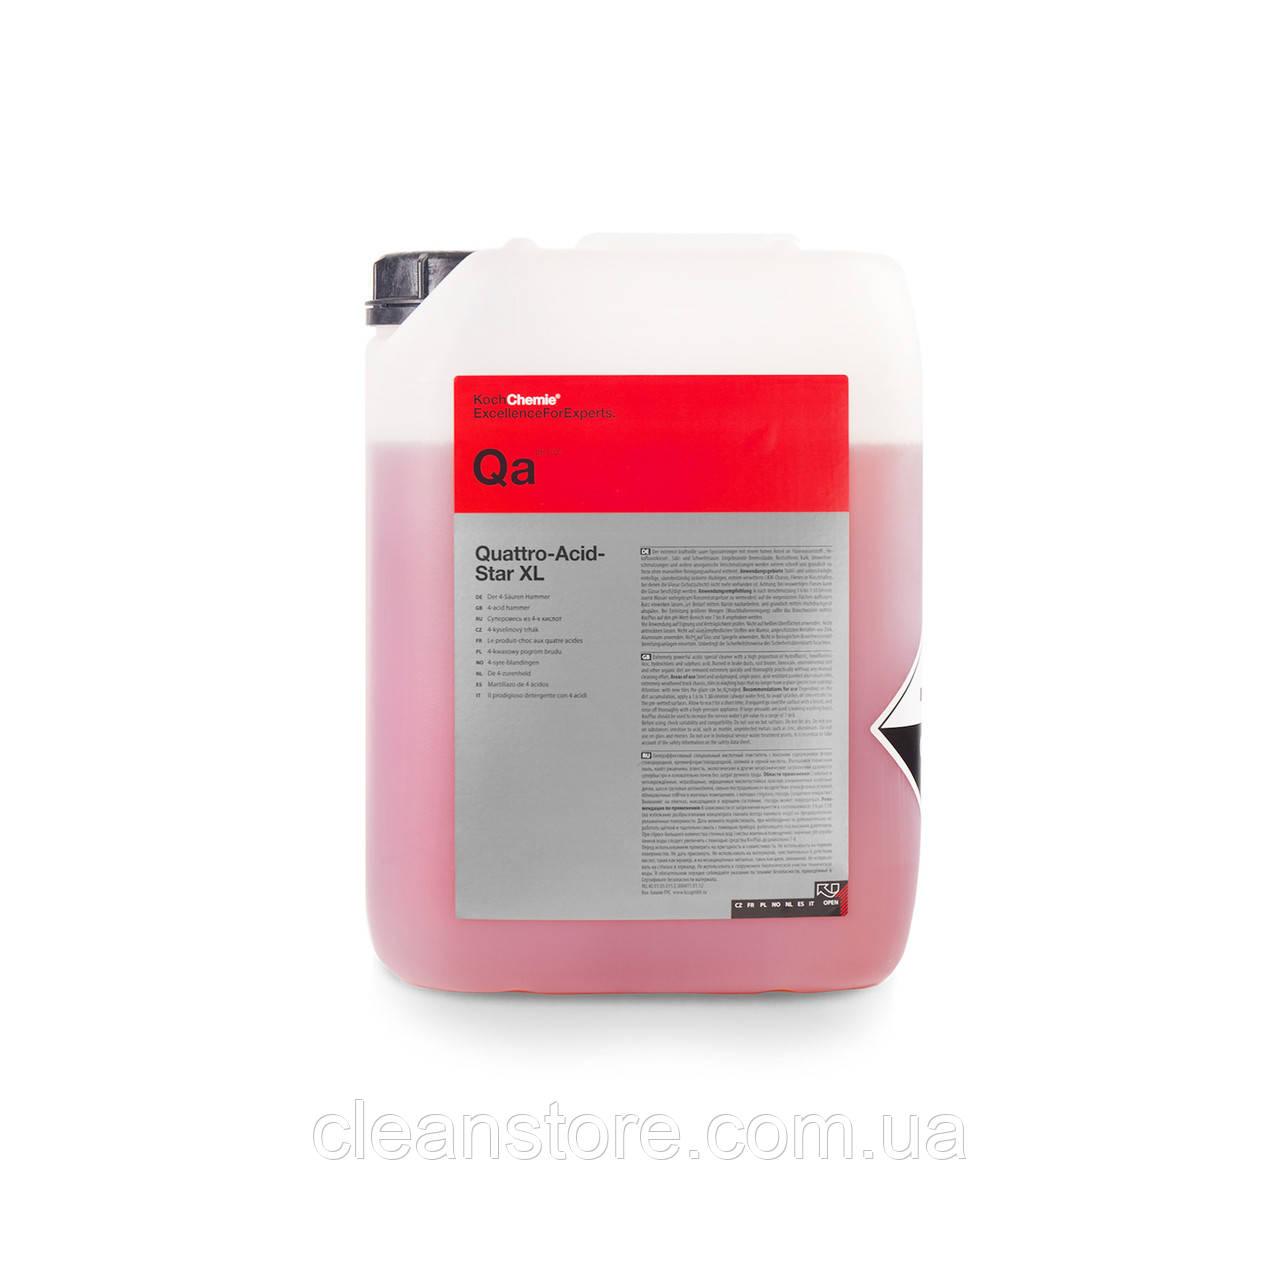 QUATTRO-ACID-STAR XL кислотный очиститель дисков, 35 кг